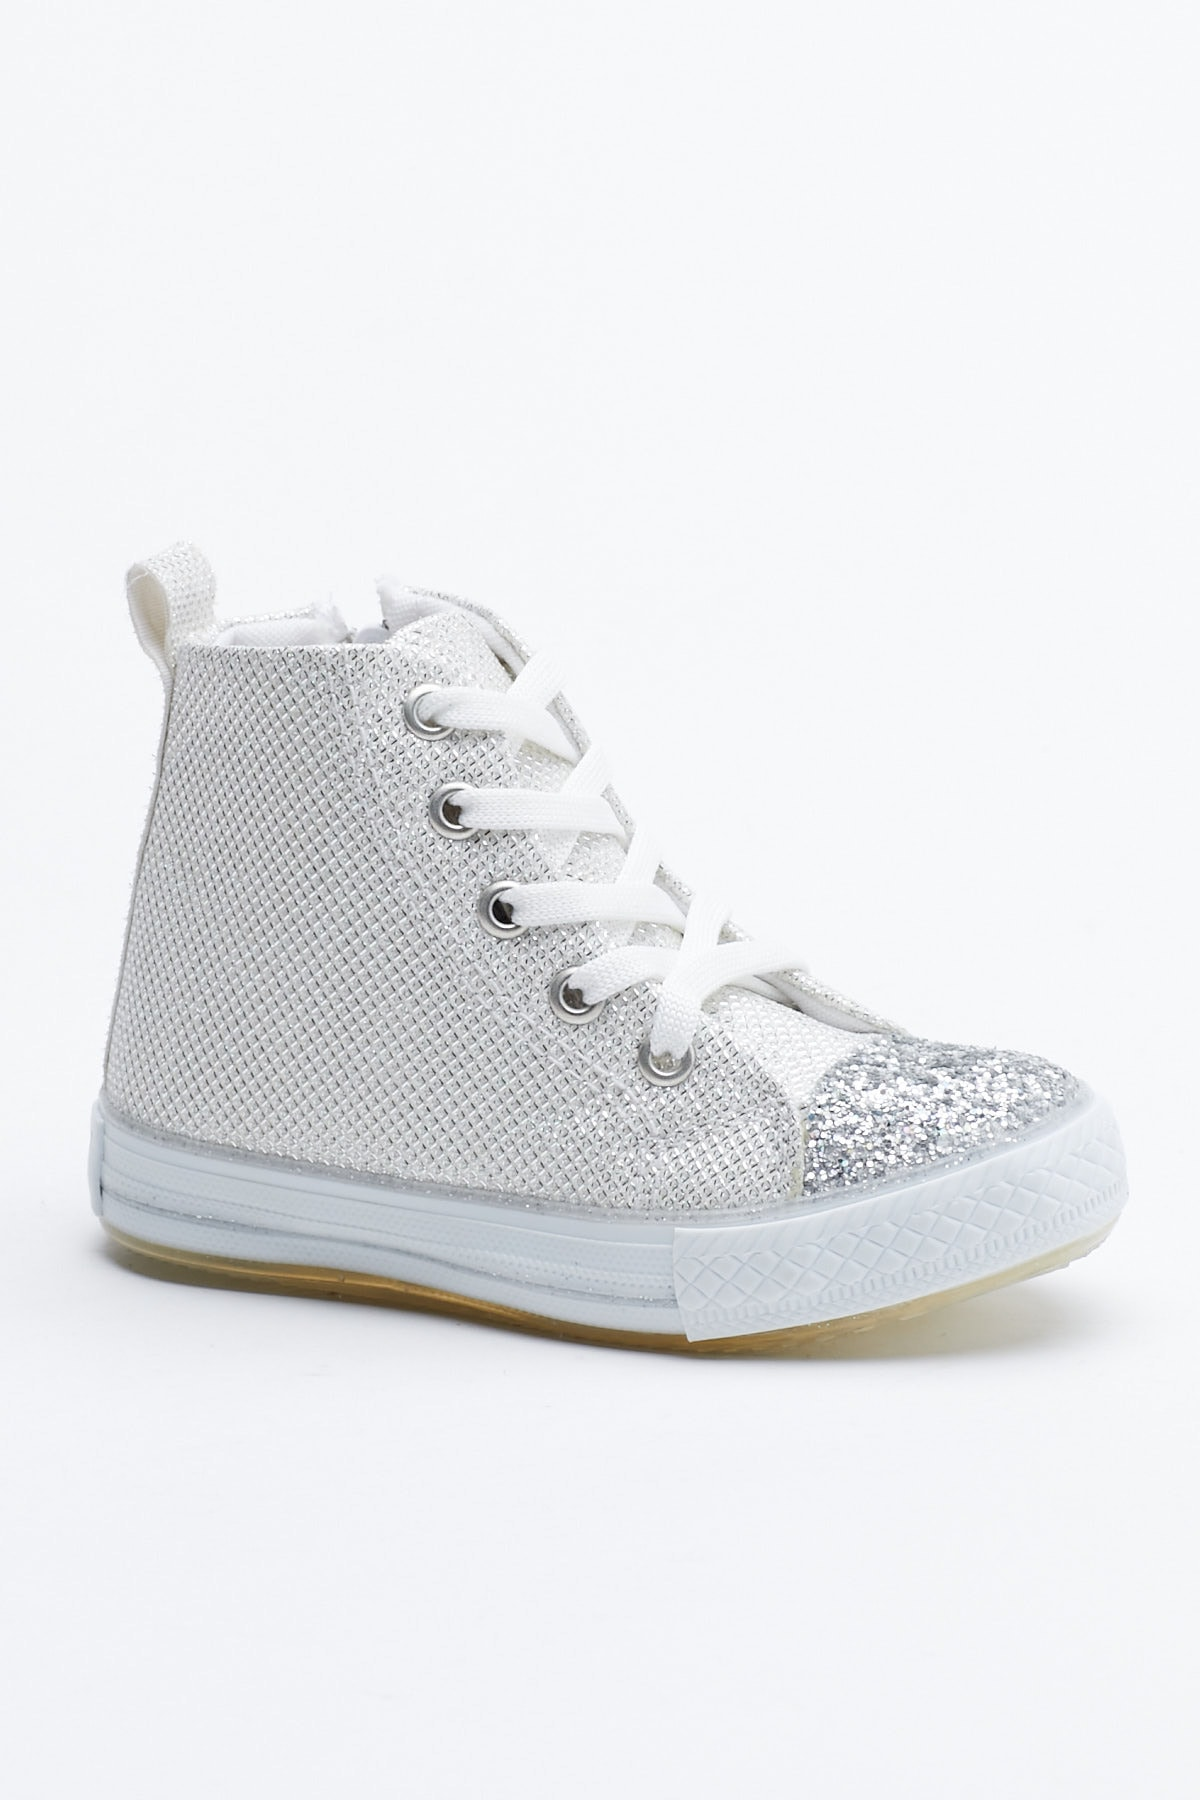 Tonny Black Buz Çocuk Spor Ayakkabı Uzun Tb999 0